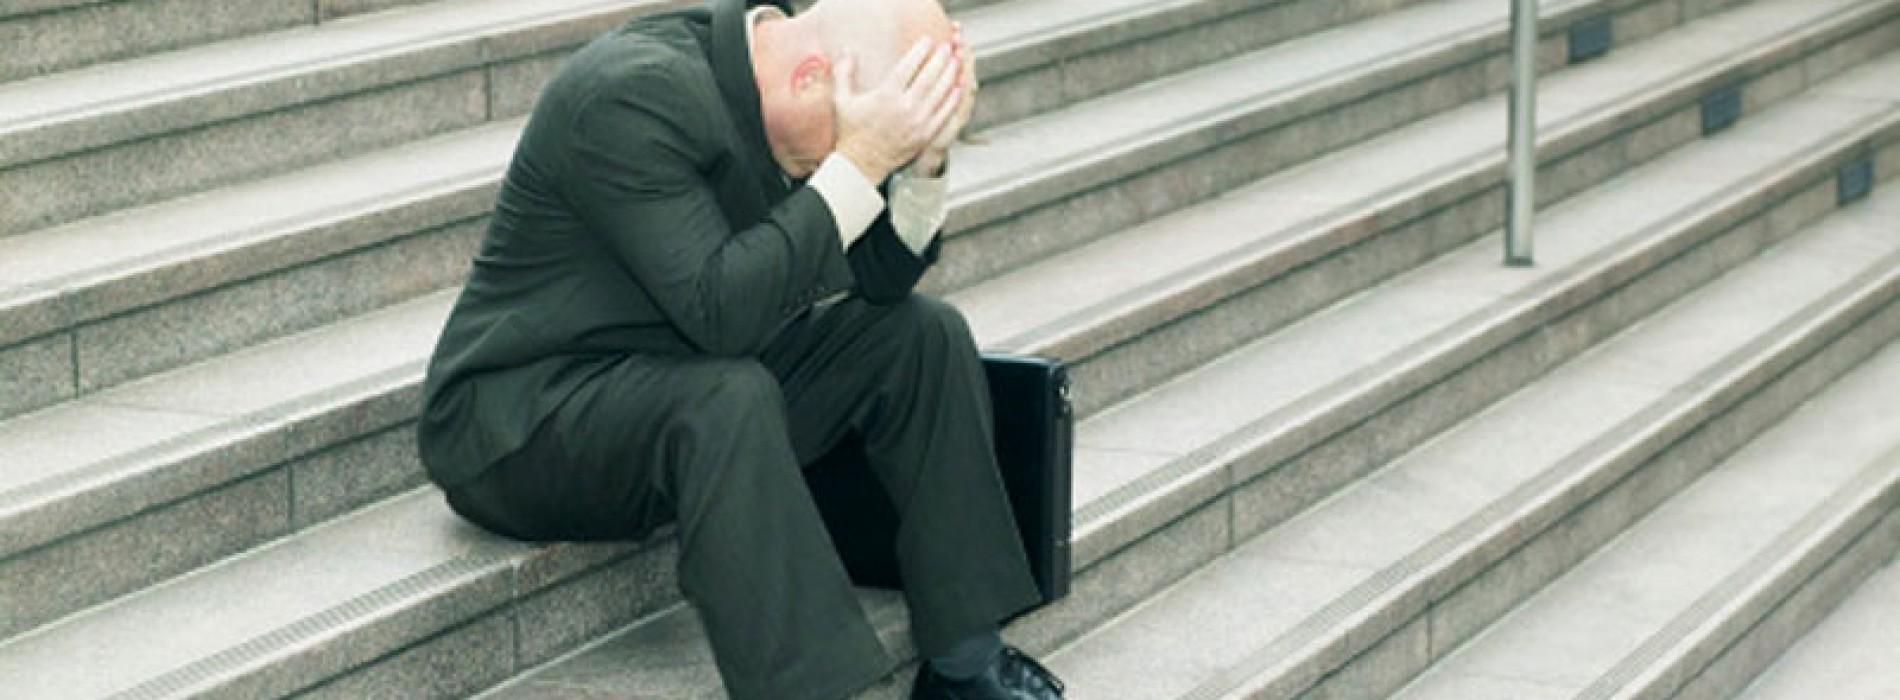 Jak sobie radzić z utratą pracy. 6 prostych kroków